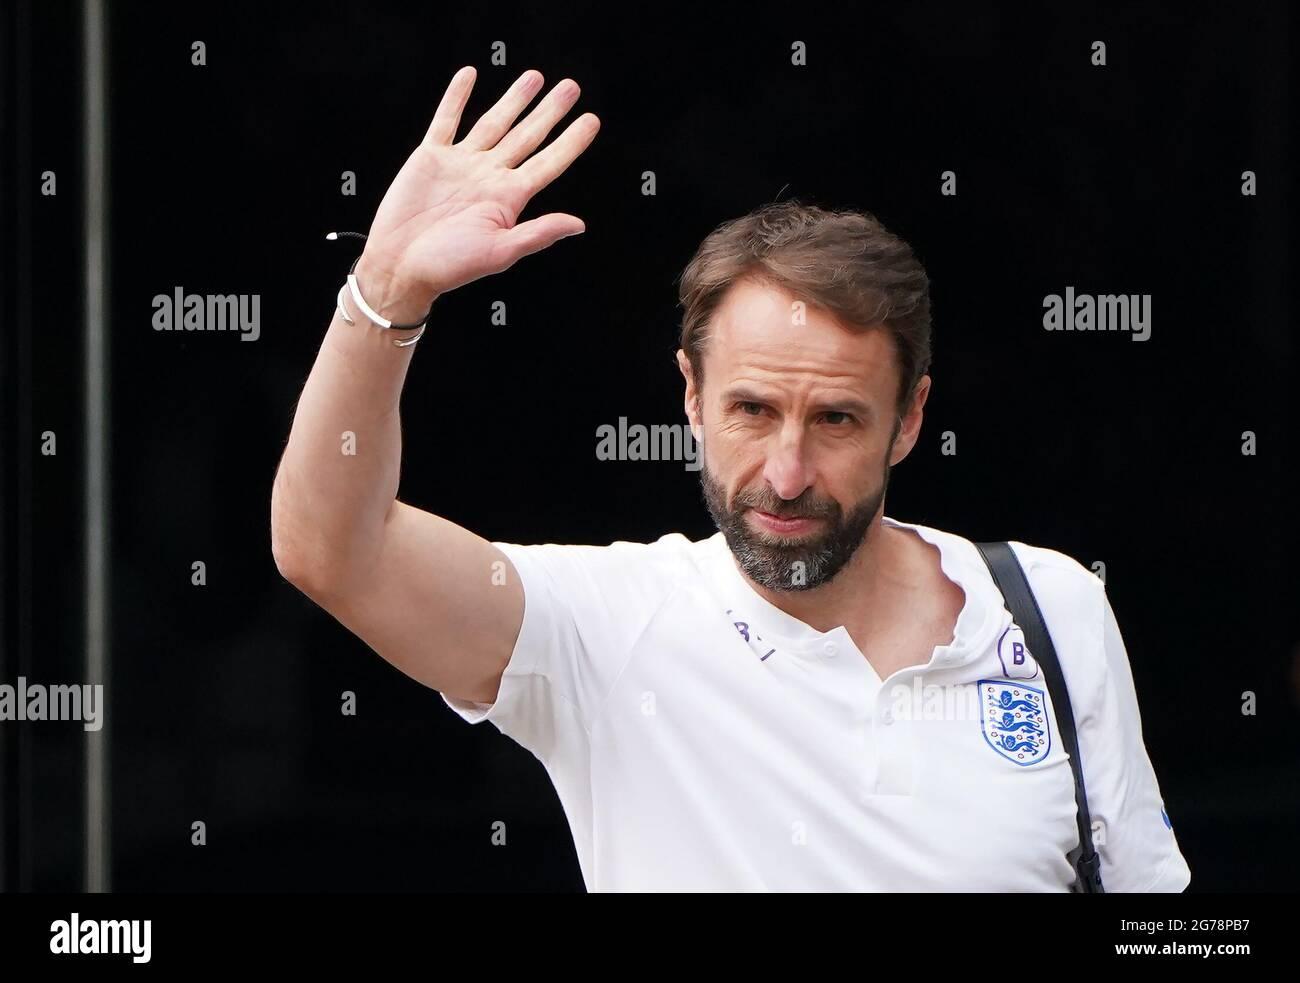 Il direttore inglese Gareth Southgate lascia il Grove Hotel, Hertfordshire. Data immagine: Lunedì 12 luglio 2021. Foto Stock